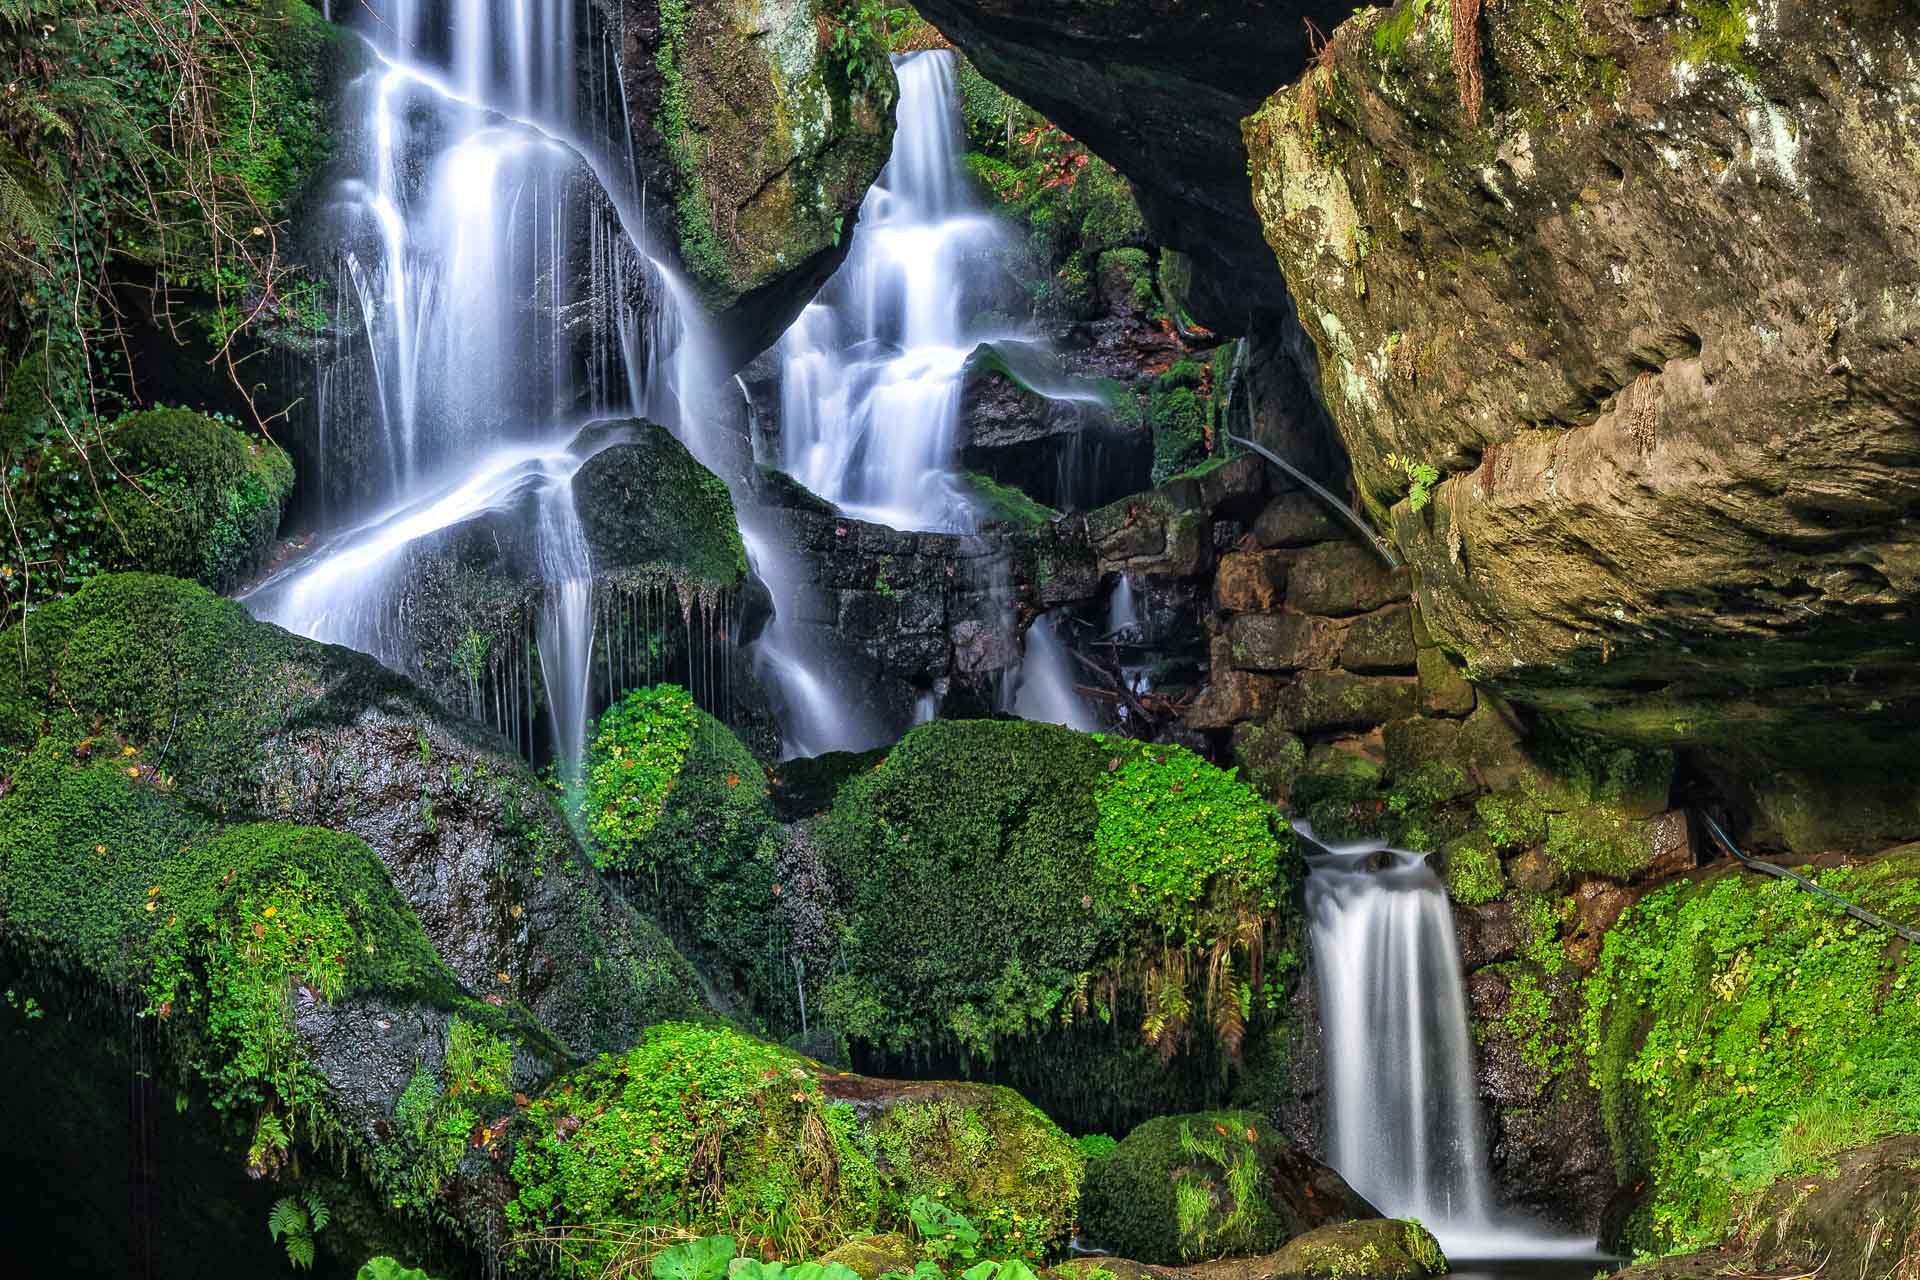 Wasserfall in Lichtenhain in Sachen / Deutschland